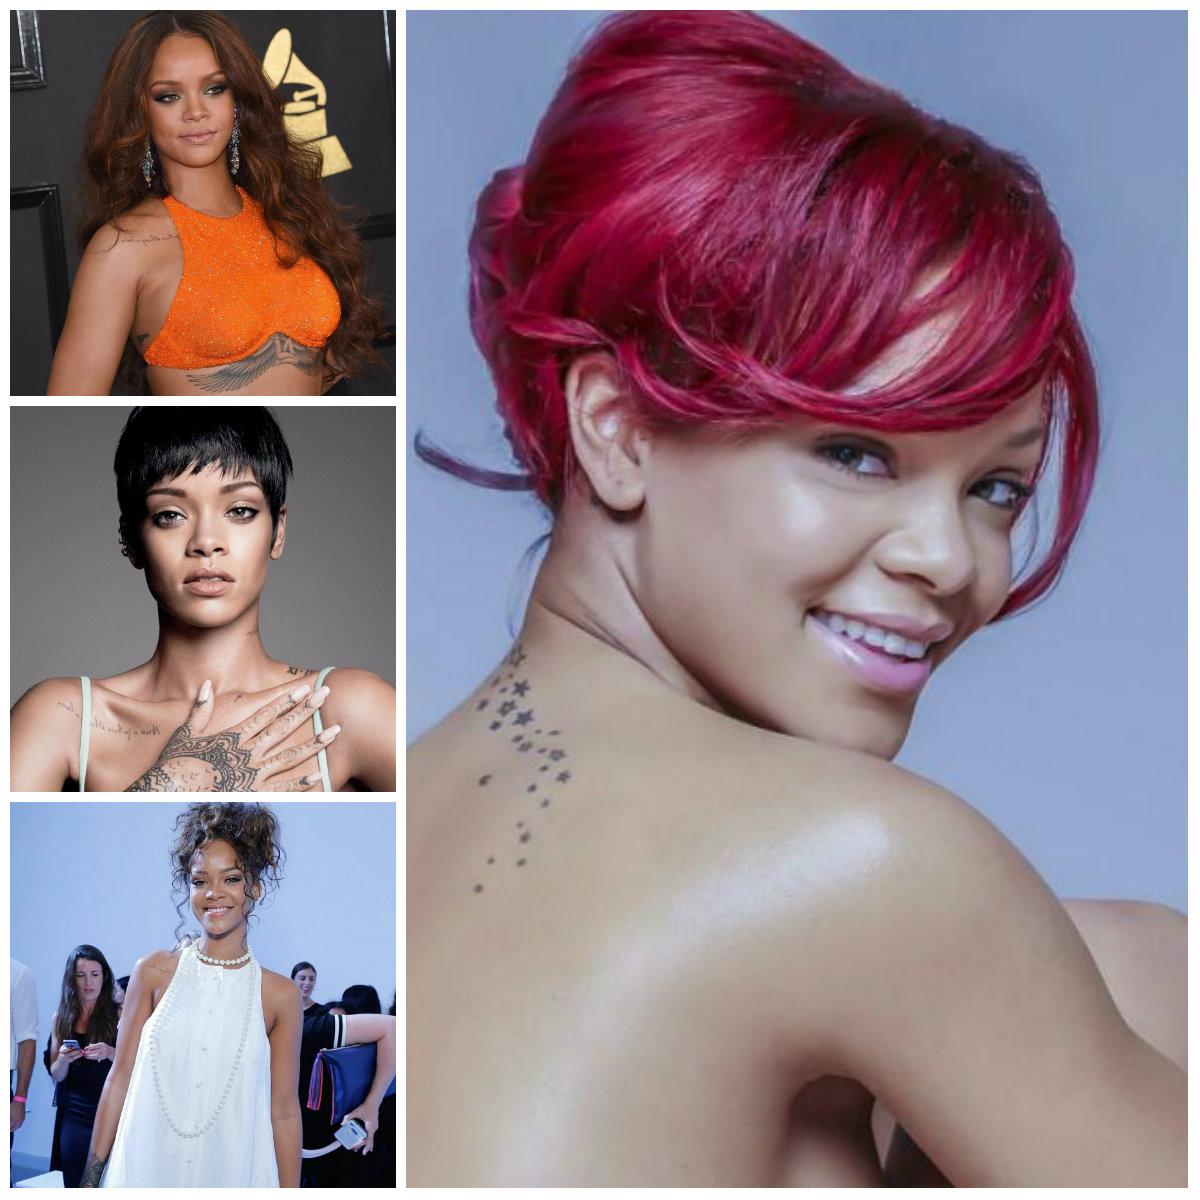 Rihanna Hairstyle ideas for 2017